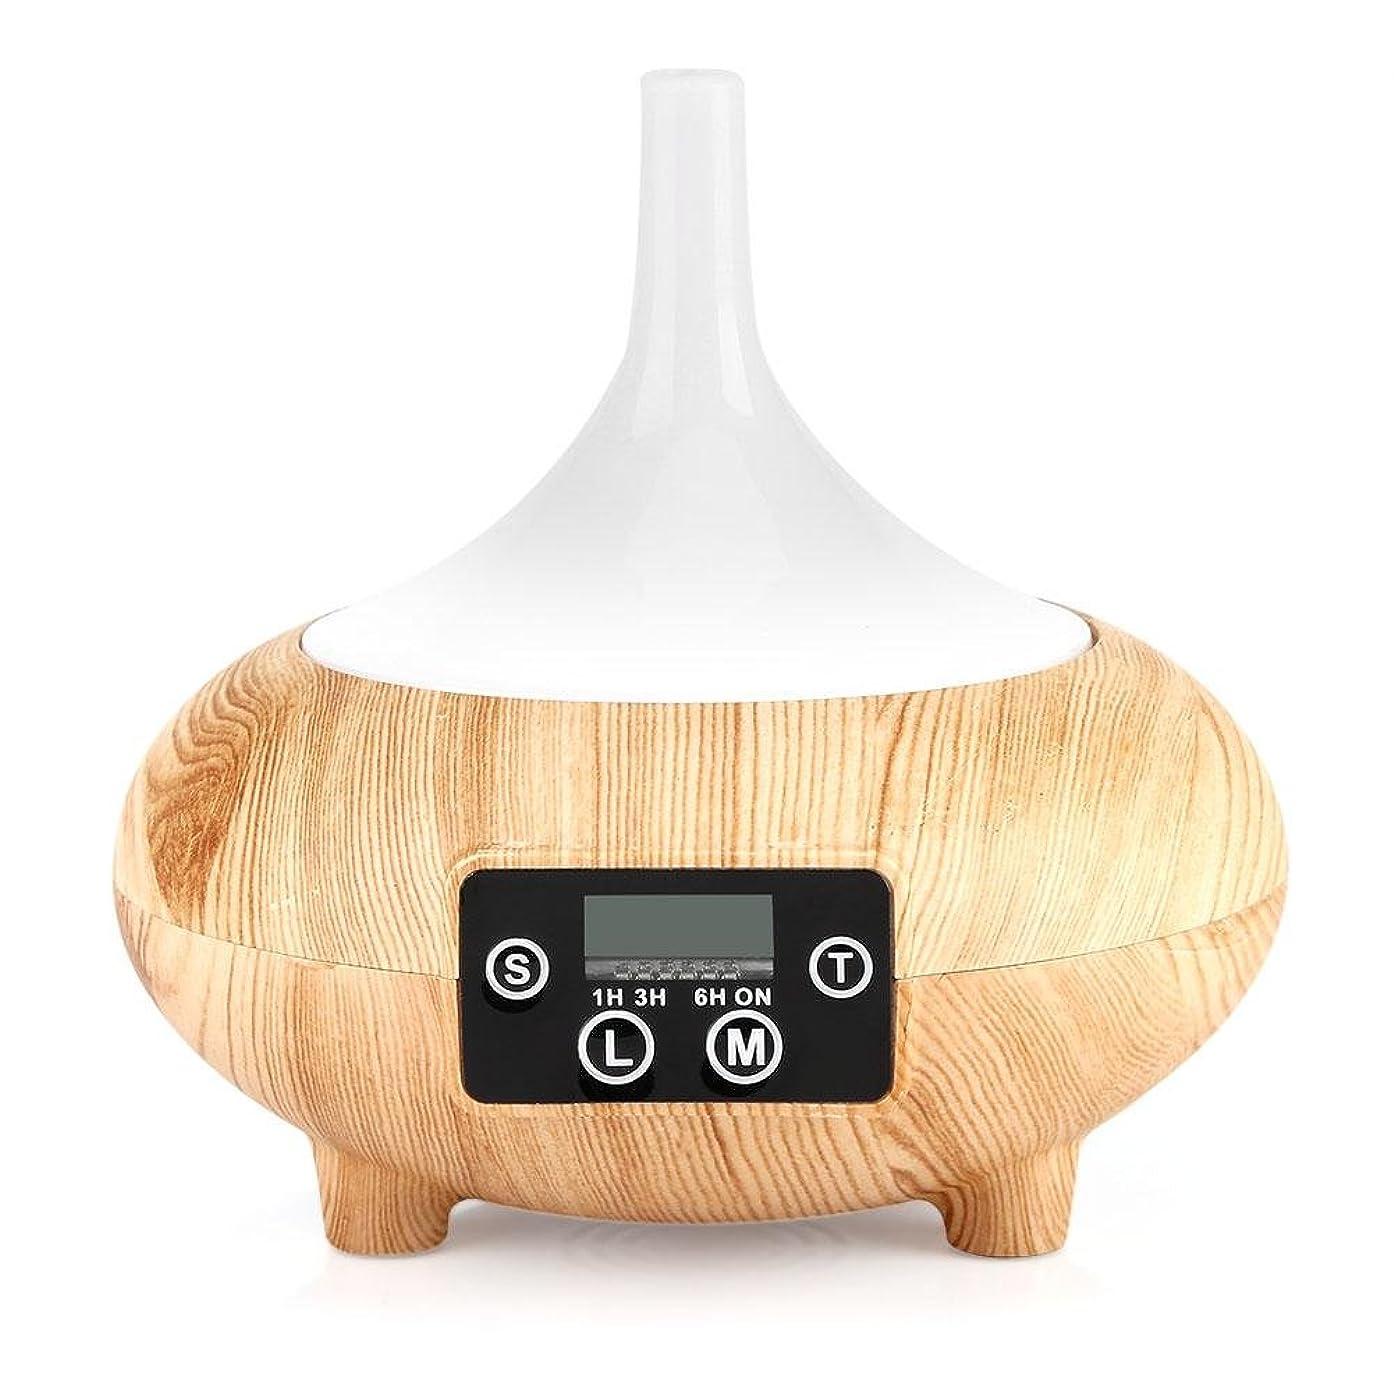 クラスおとなしい祝福する加湿器 アロマディフューザー LED時計 卓上加湿器 空気清浄機 空焚き防止機能搭載 色変換LED搭載 ミストモード 時間設定 木目調 おしゃれ 乾燥対応 SPA美容など適用(浅木纹)